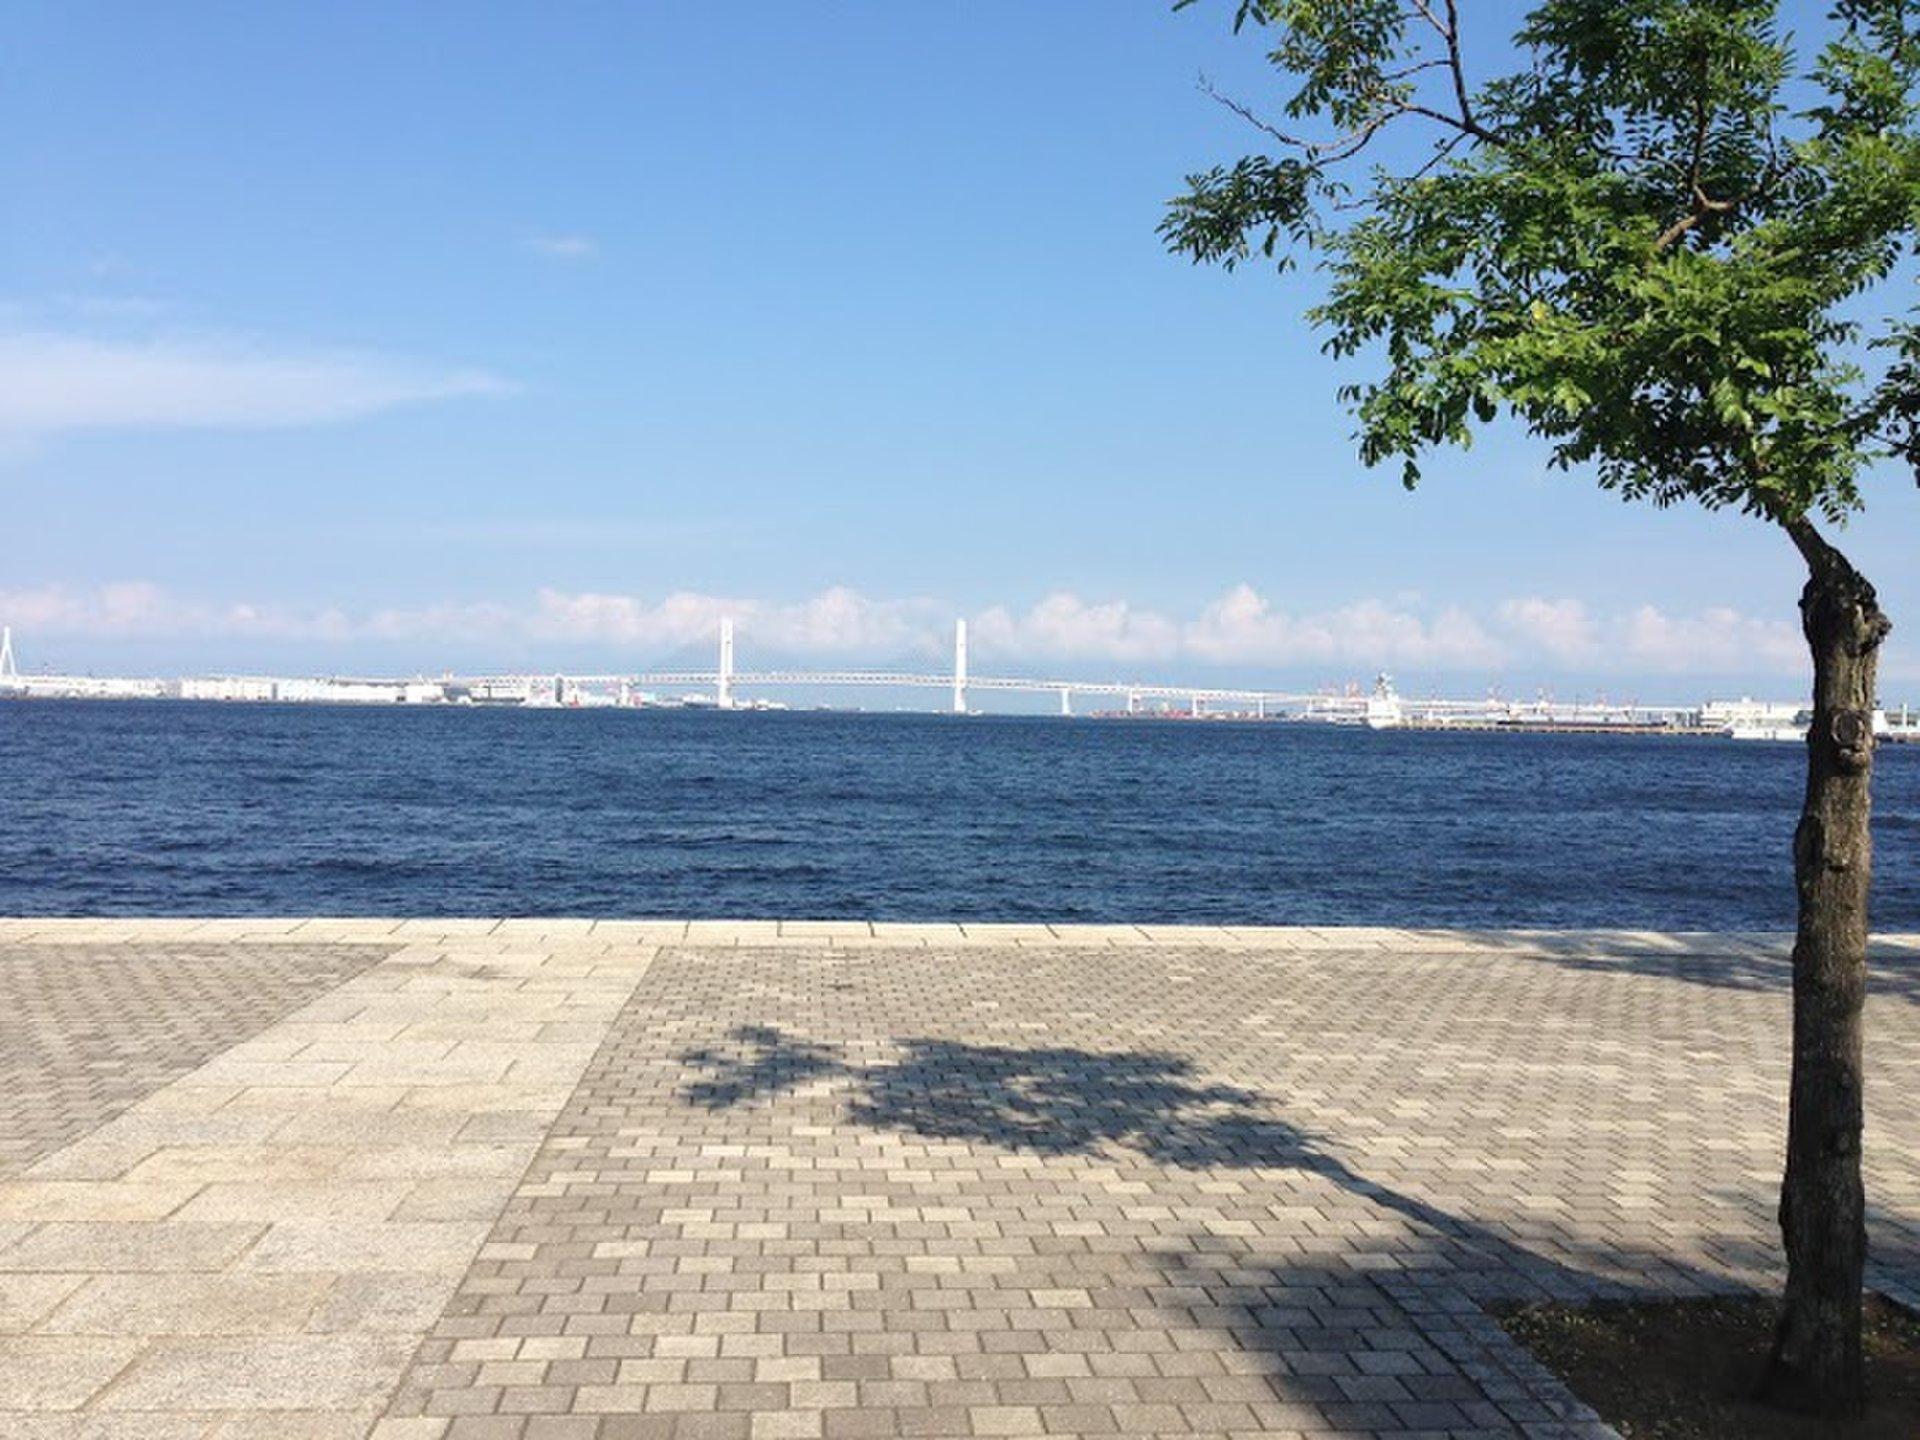 横浜みなとみらい海沿い散歩デートコース!観光スポットをのんびり散策!